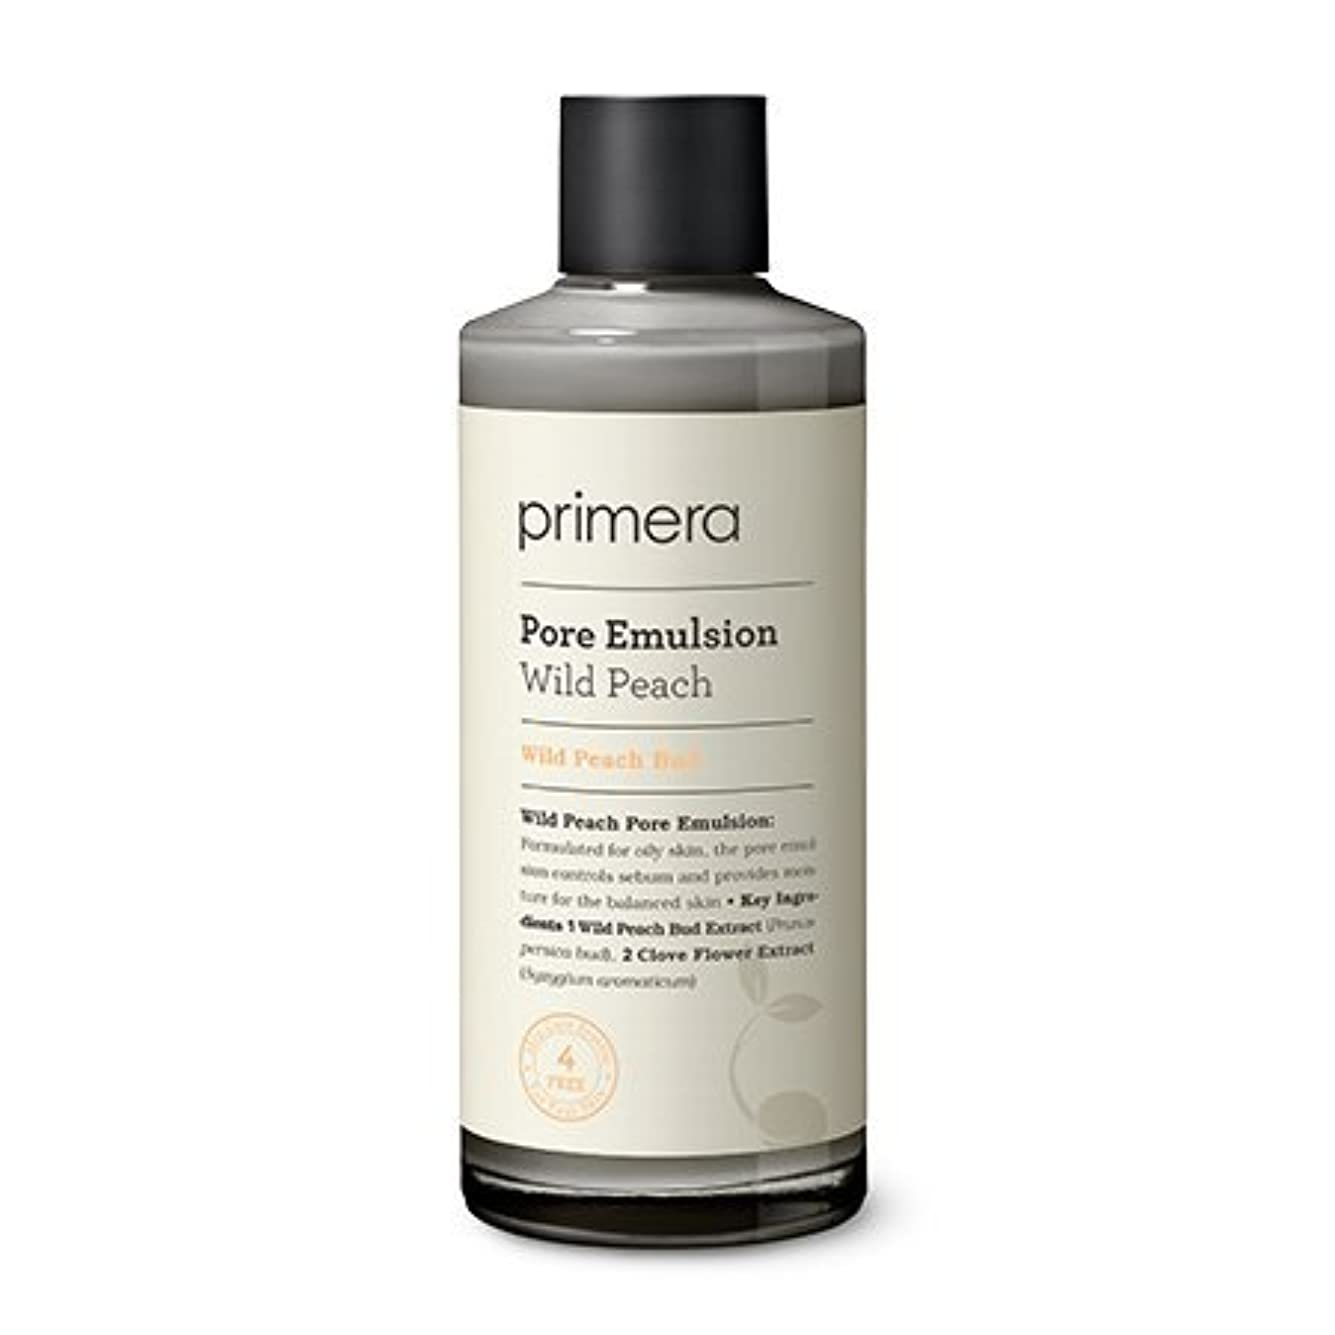 文句を言う地図有名【Primera】Wild Peach Pore Emulsion - 150ml (韓国直送品) (SHOPPINGINSTAGRAM)